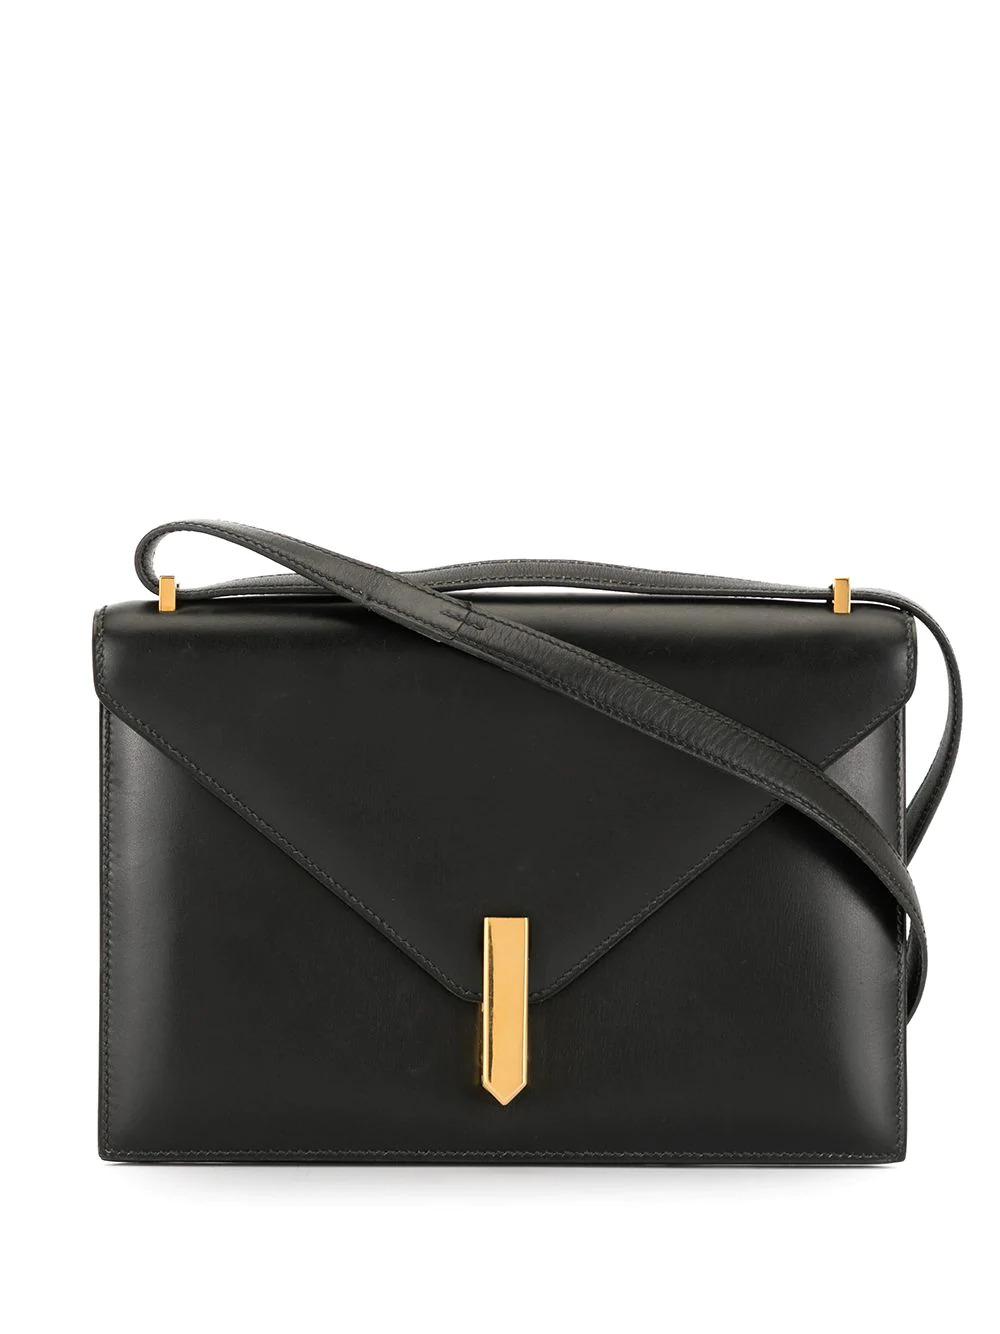 4. Hermès 1976 pre-owned envelope shoulder bag HK$25,491